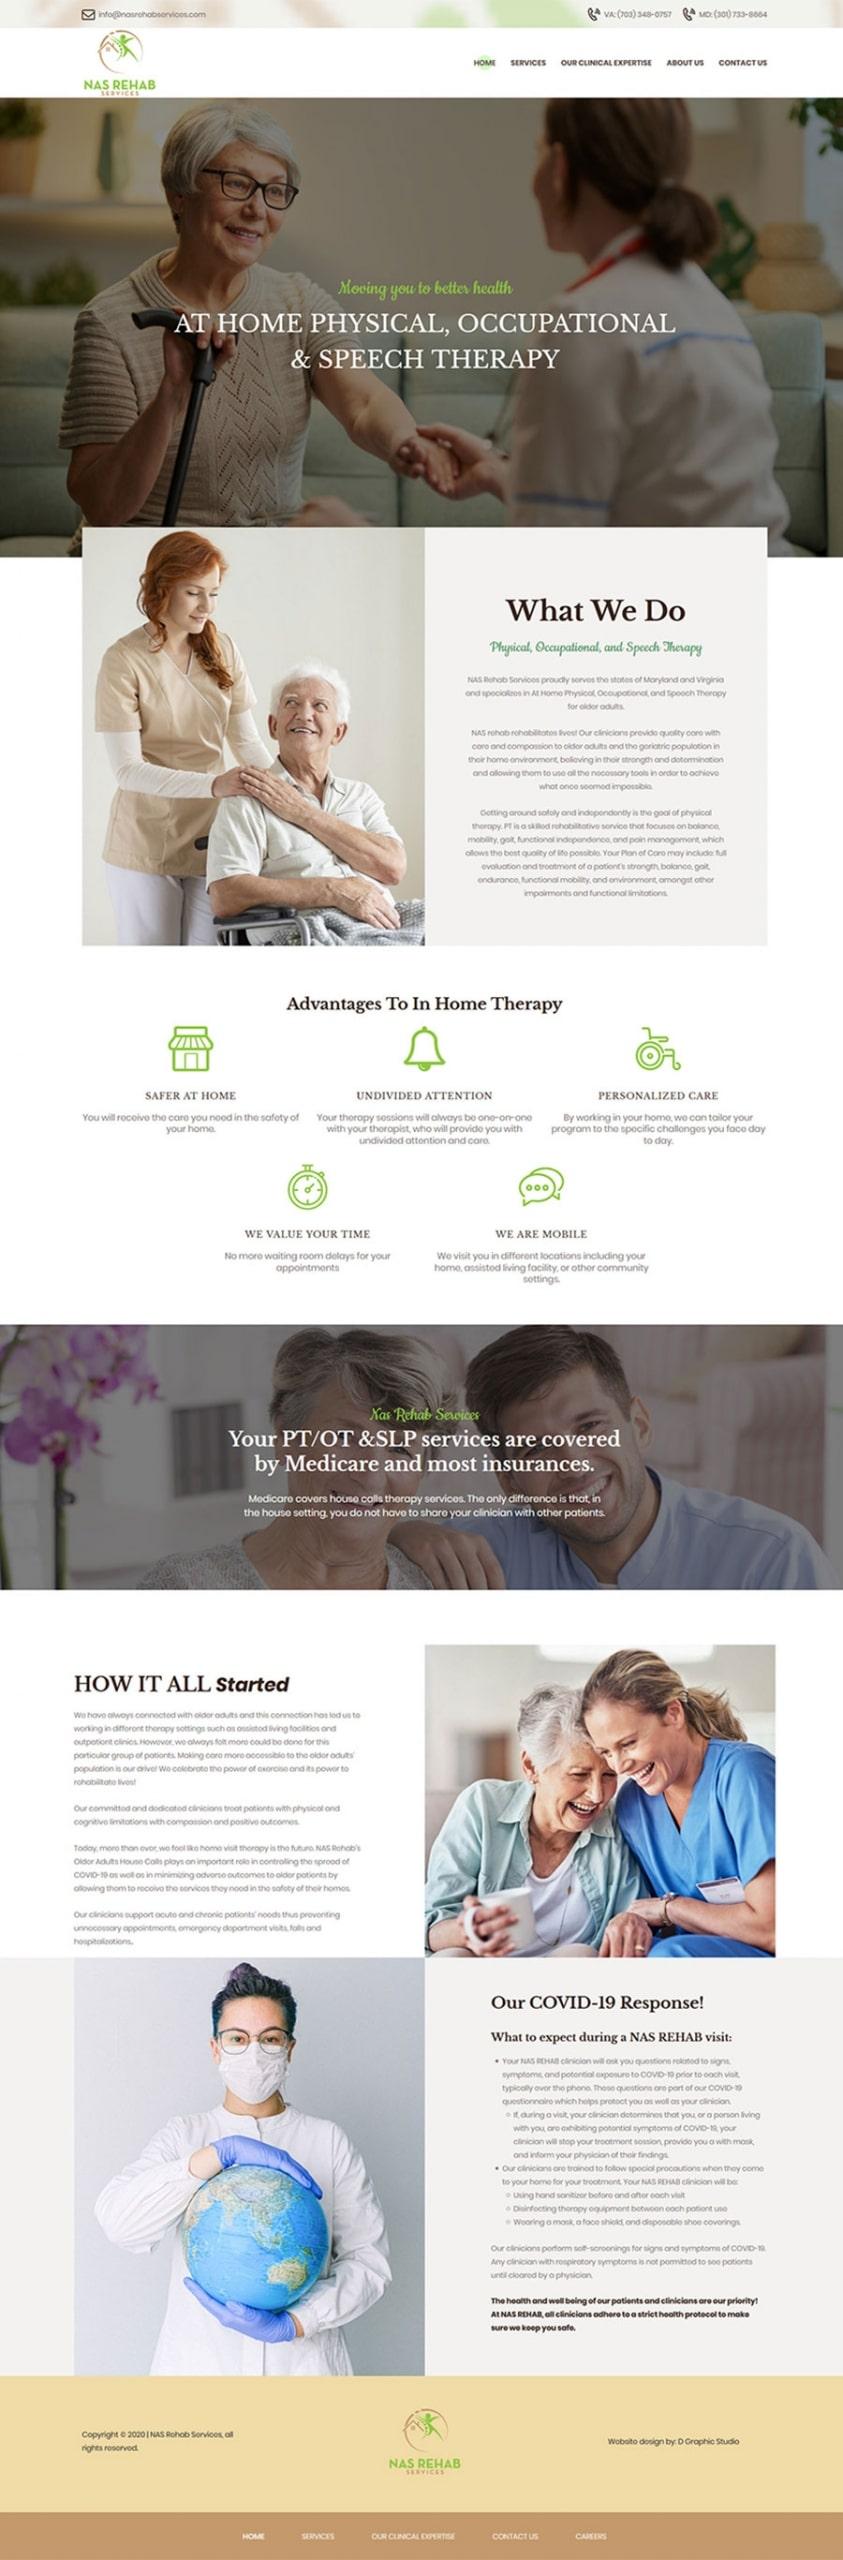 Doctor Website Design Services